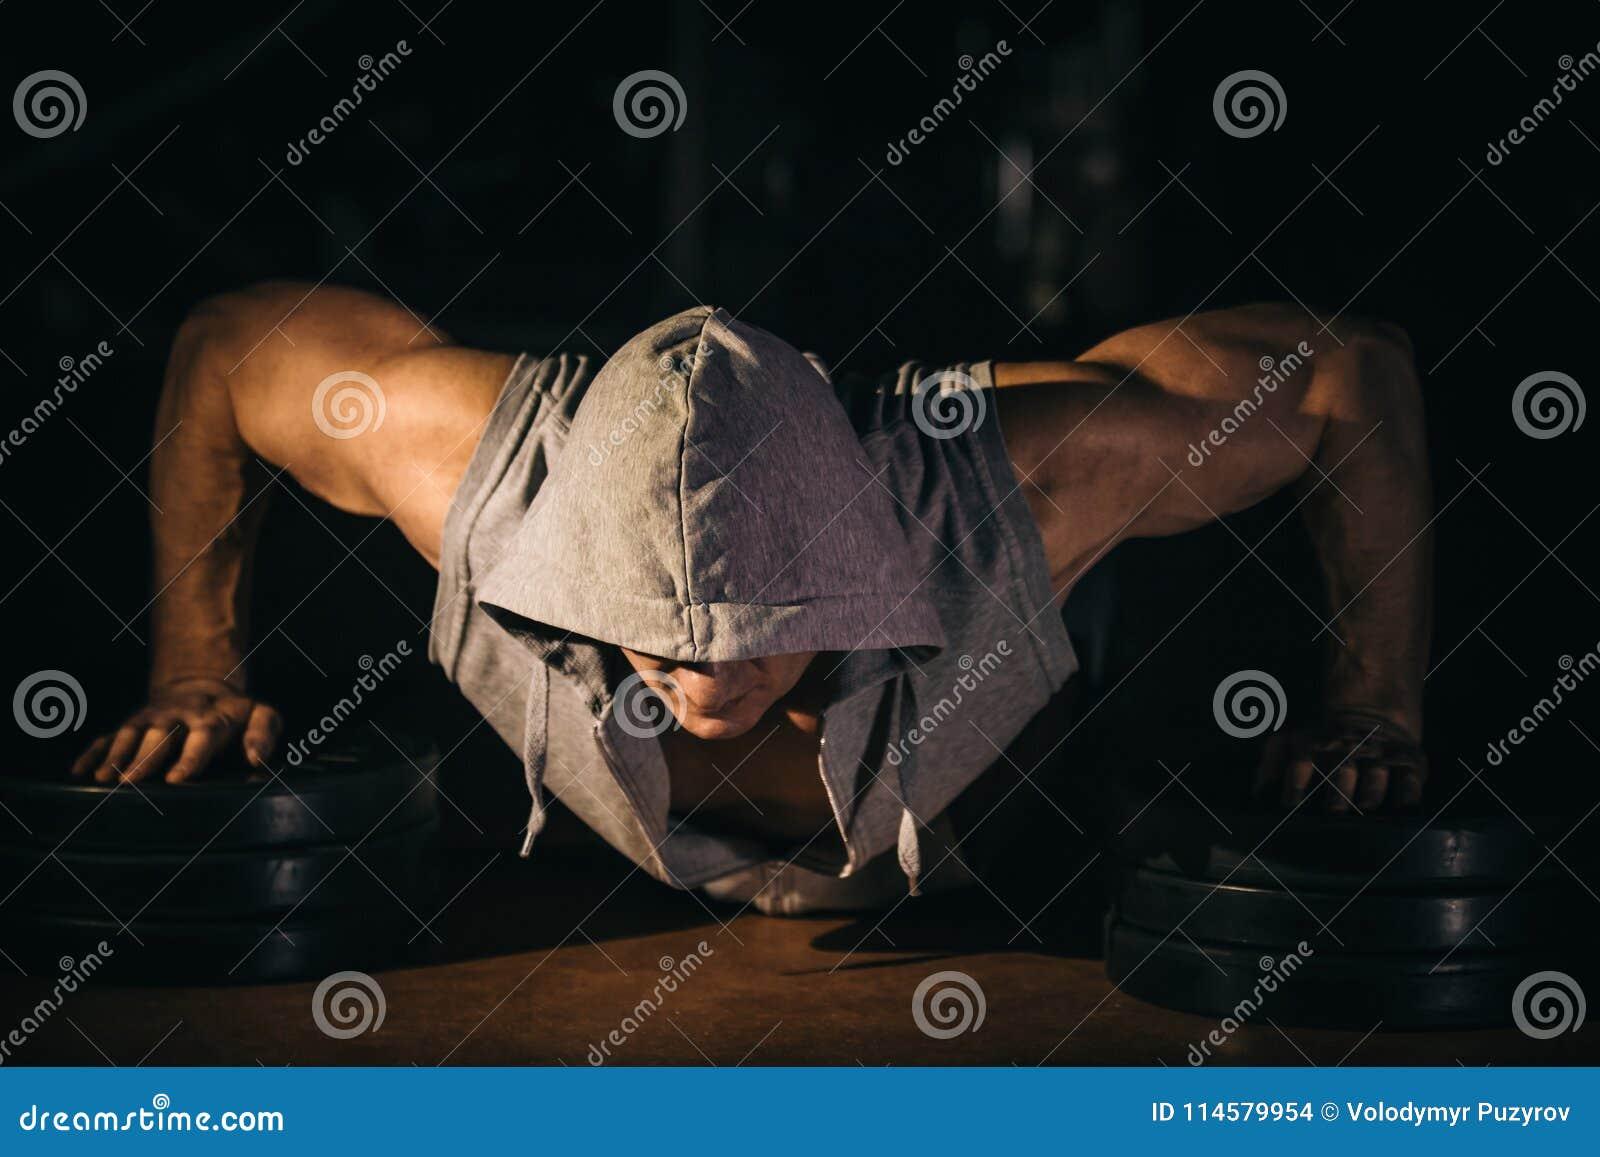 Die Athletenstöße, Pressungen vom Boden, ist er stark und robust